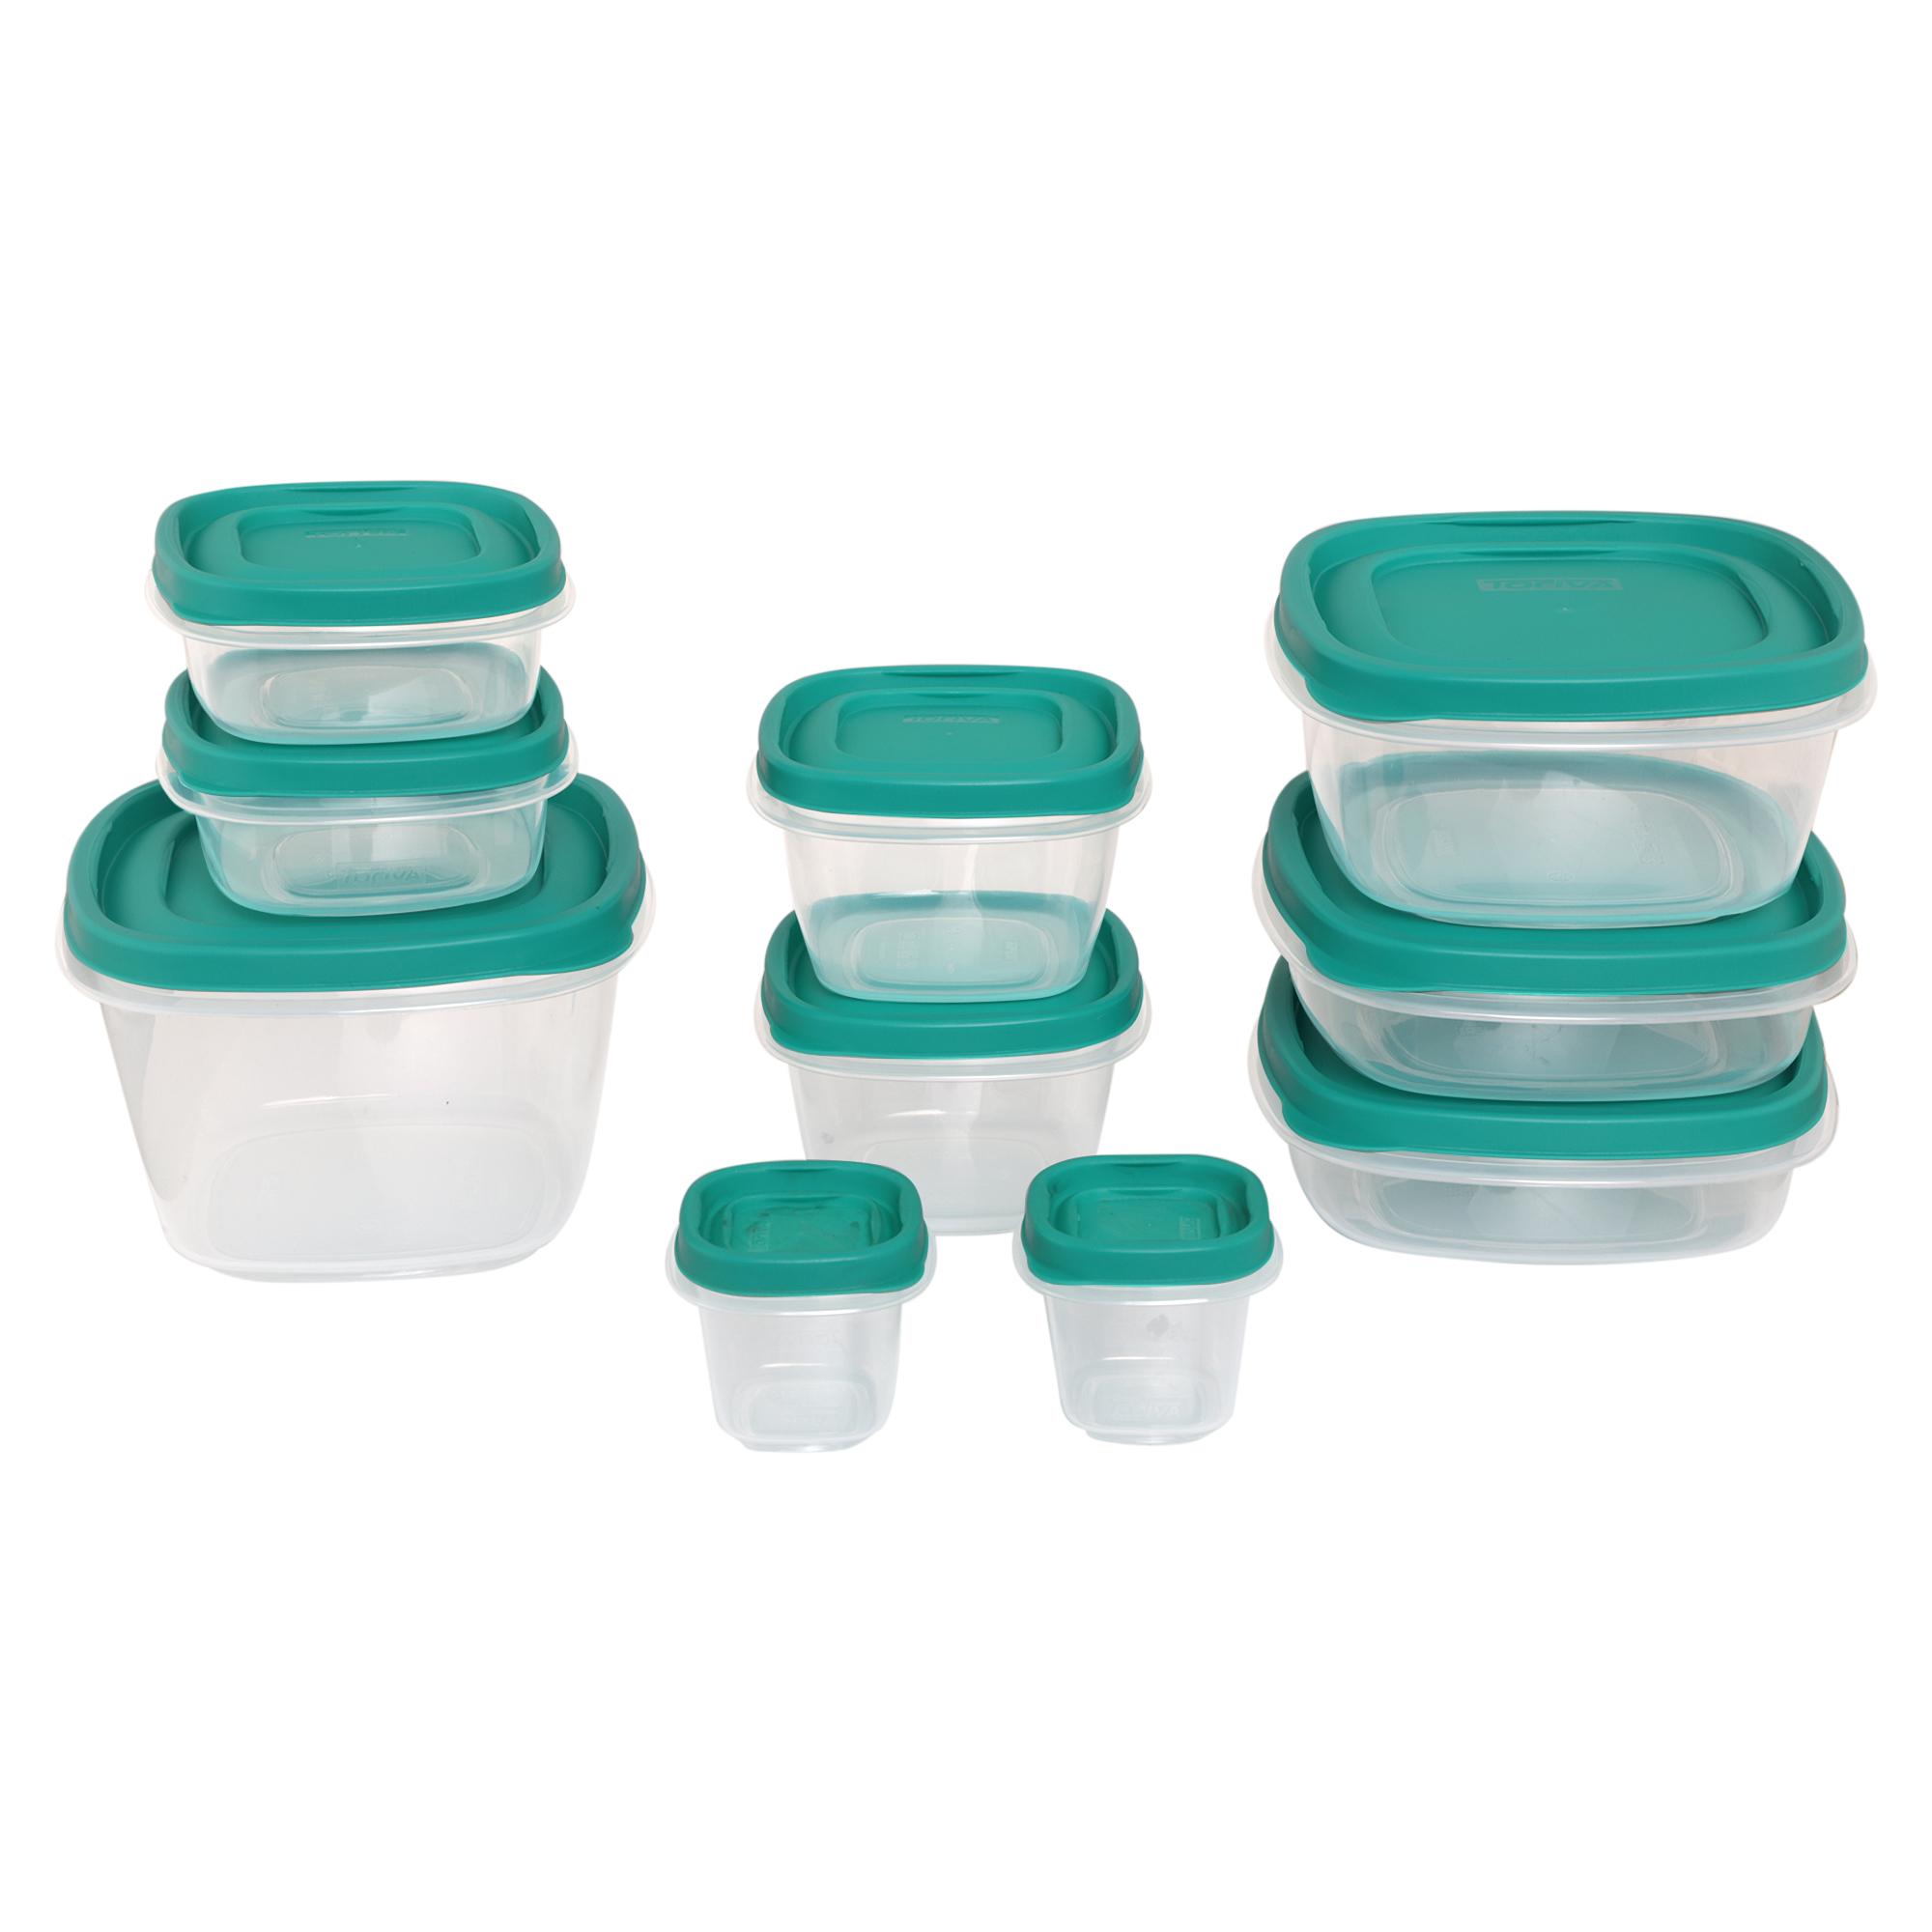 Plastic Container Set of 10pcs